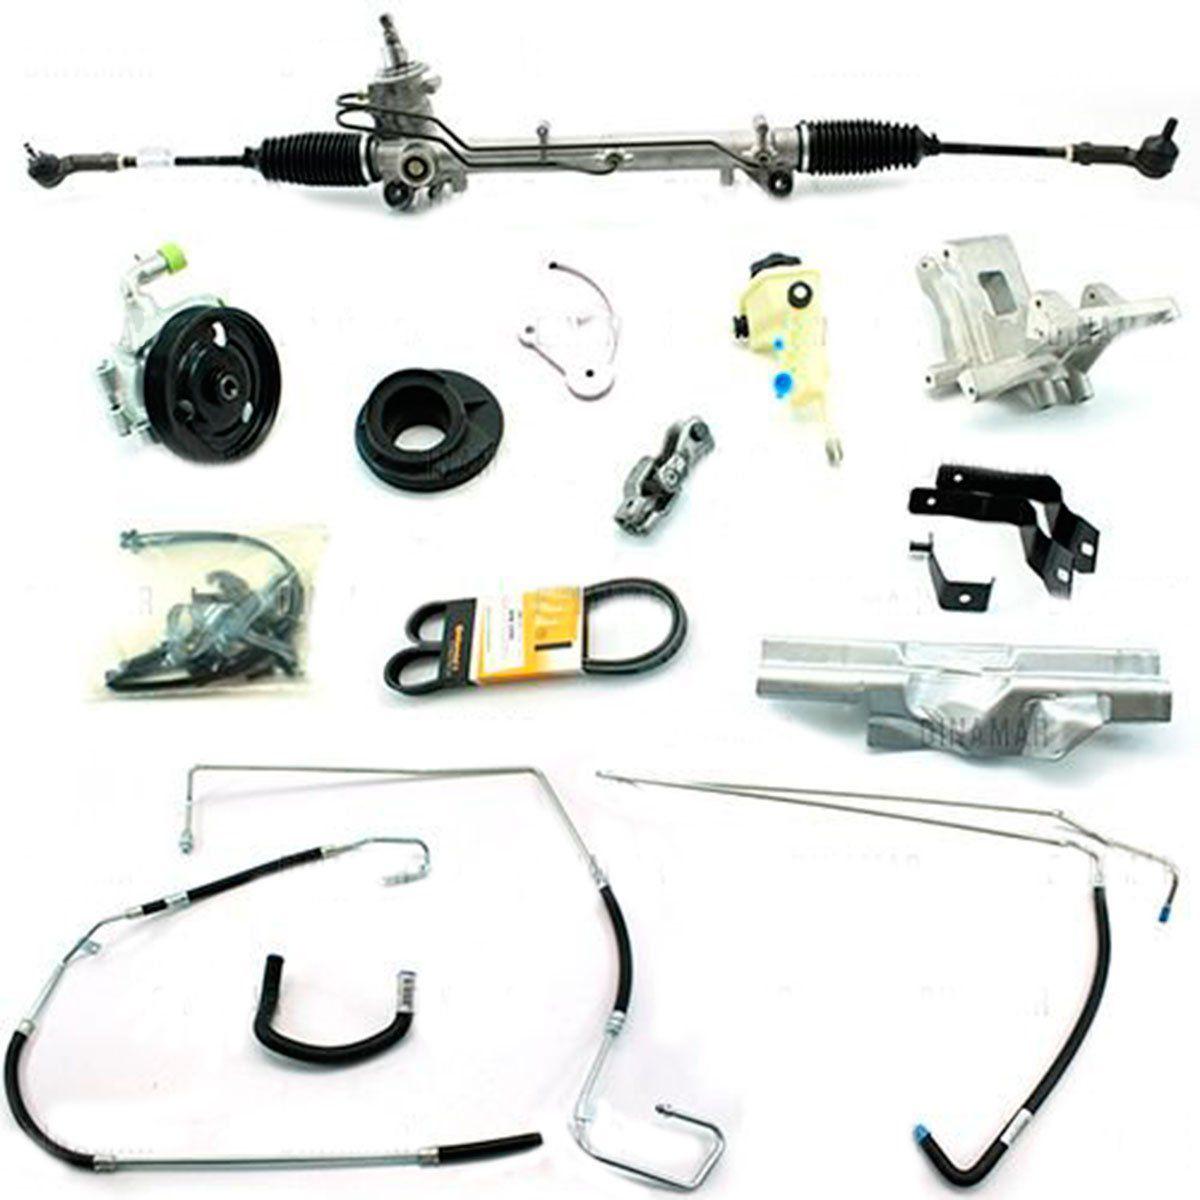 Kit De Direção Hidráulica Do Ford Novo Fiesta 1.0/1.6 Zetec Rocam Com Cooler De 2009 Em Diante (Modelos Sem Ar Condicionado) (Fixação Para Bomba 4 Parafusos)